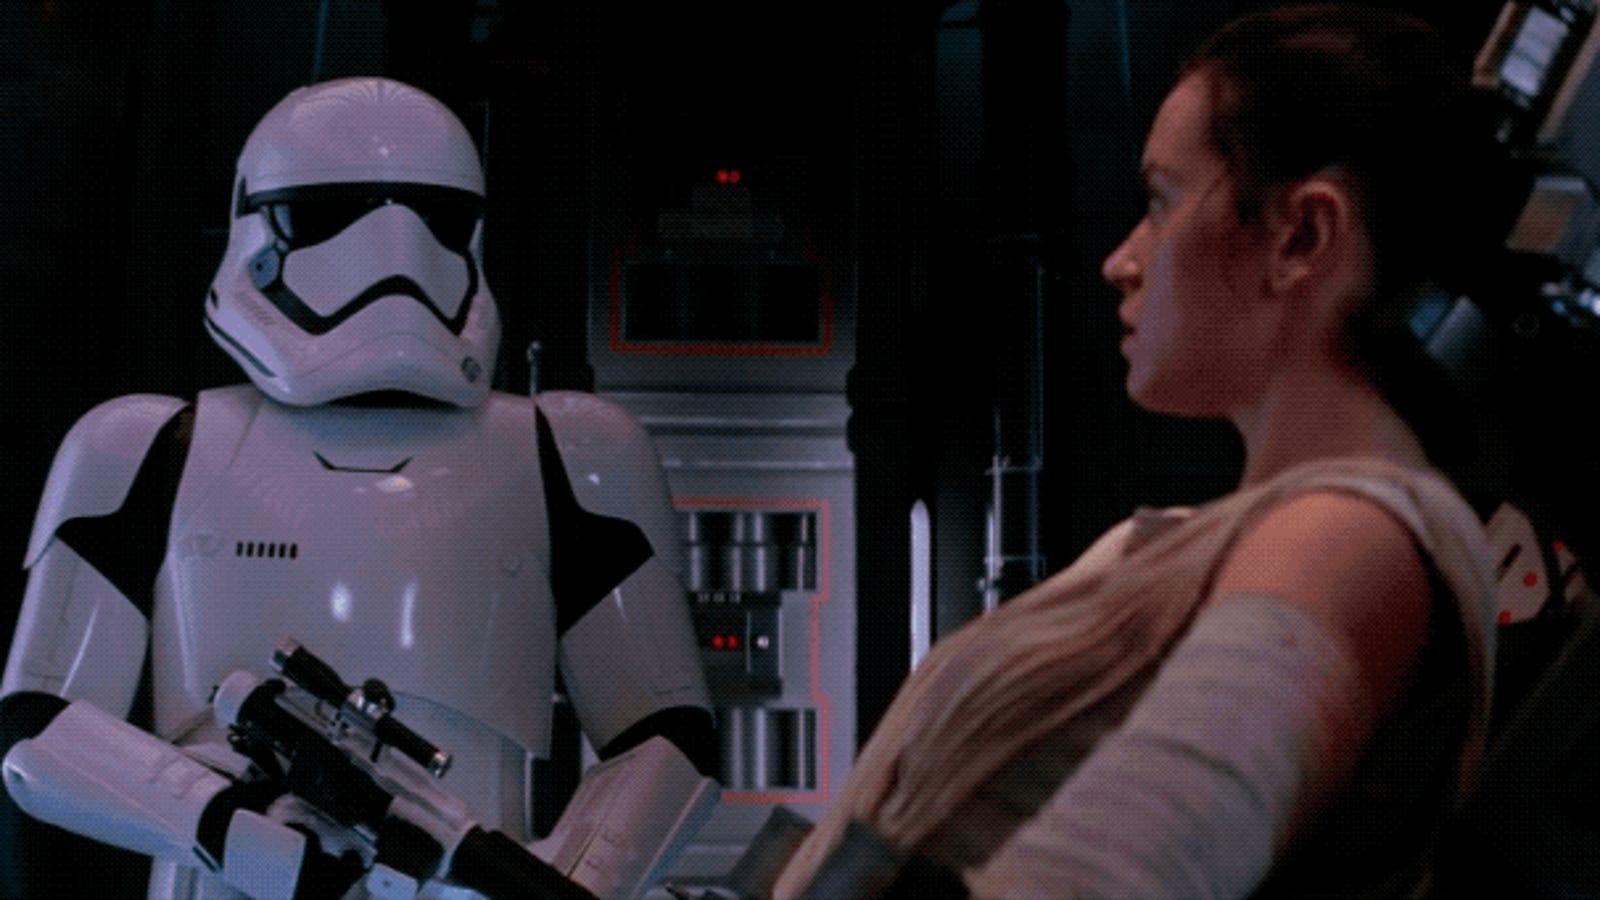 La novela de Star Wars: The Last Jedi por fin explica el origen de los poderes Jedi de Rey